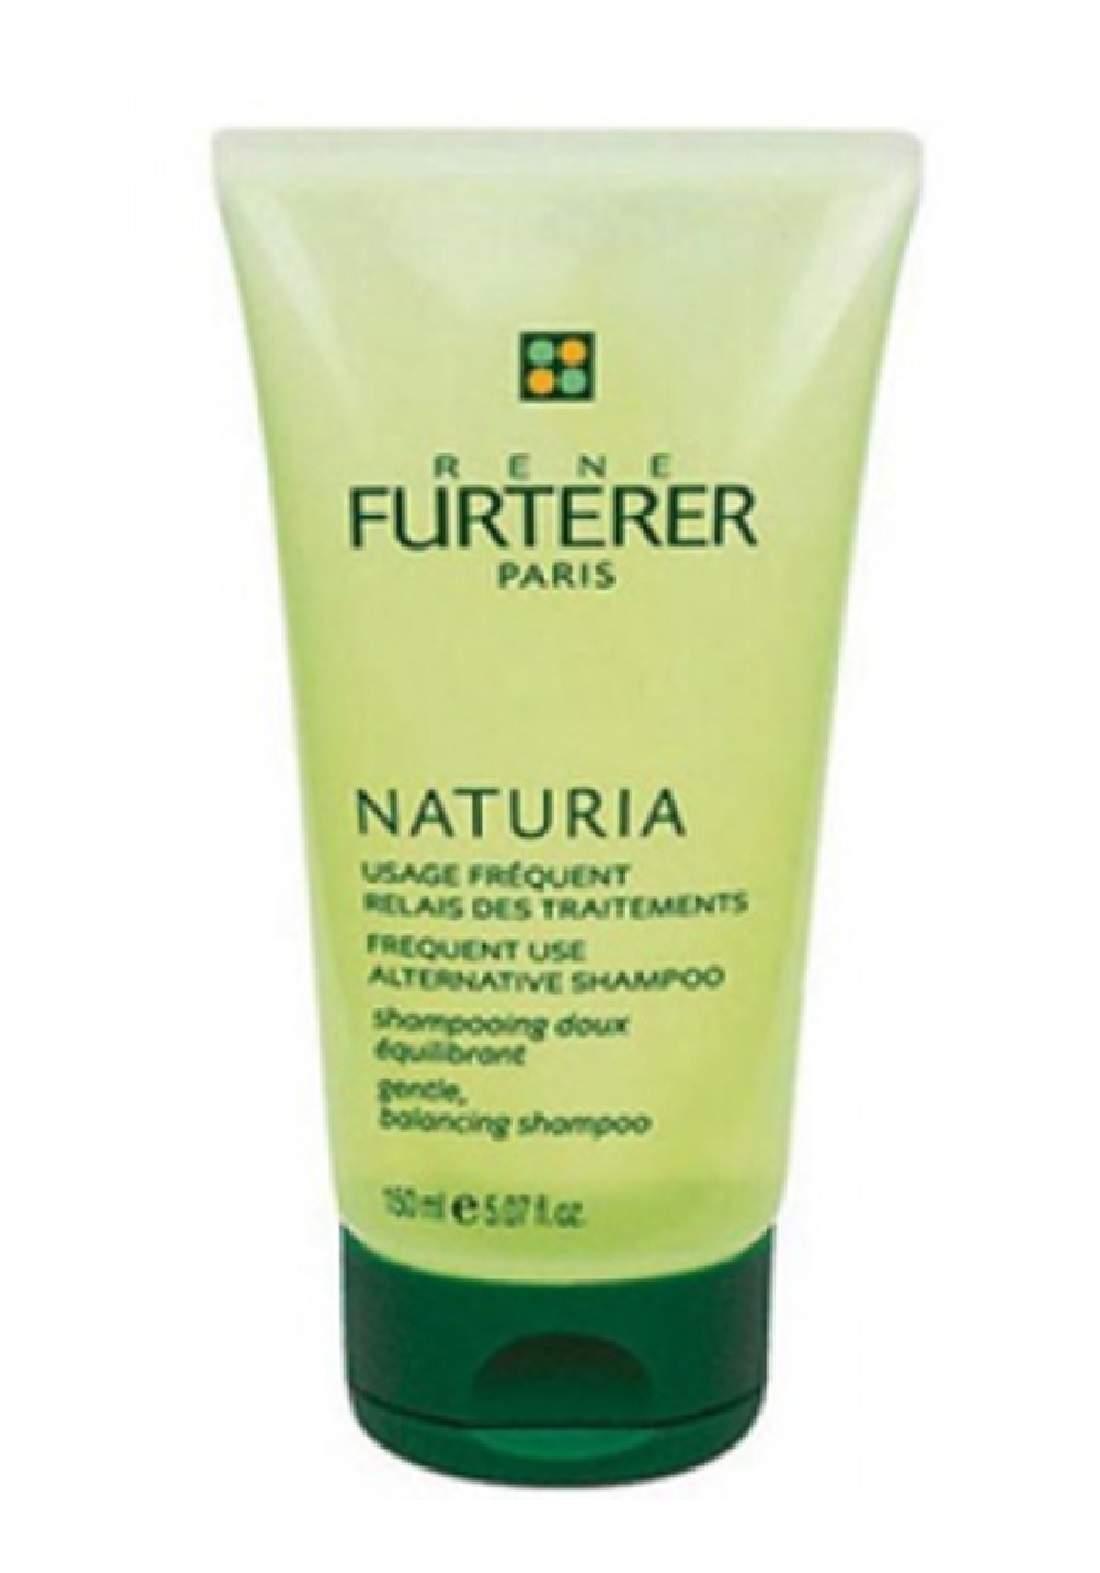 RENE FURTERER NATURIA SHAMPOO 50ML شامبو منزف ومغذي لكل انواع الشعر